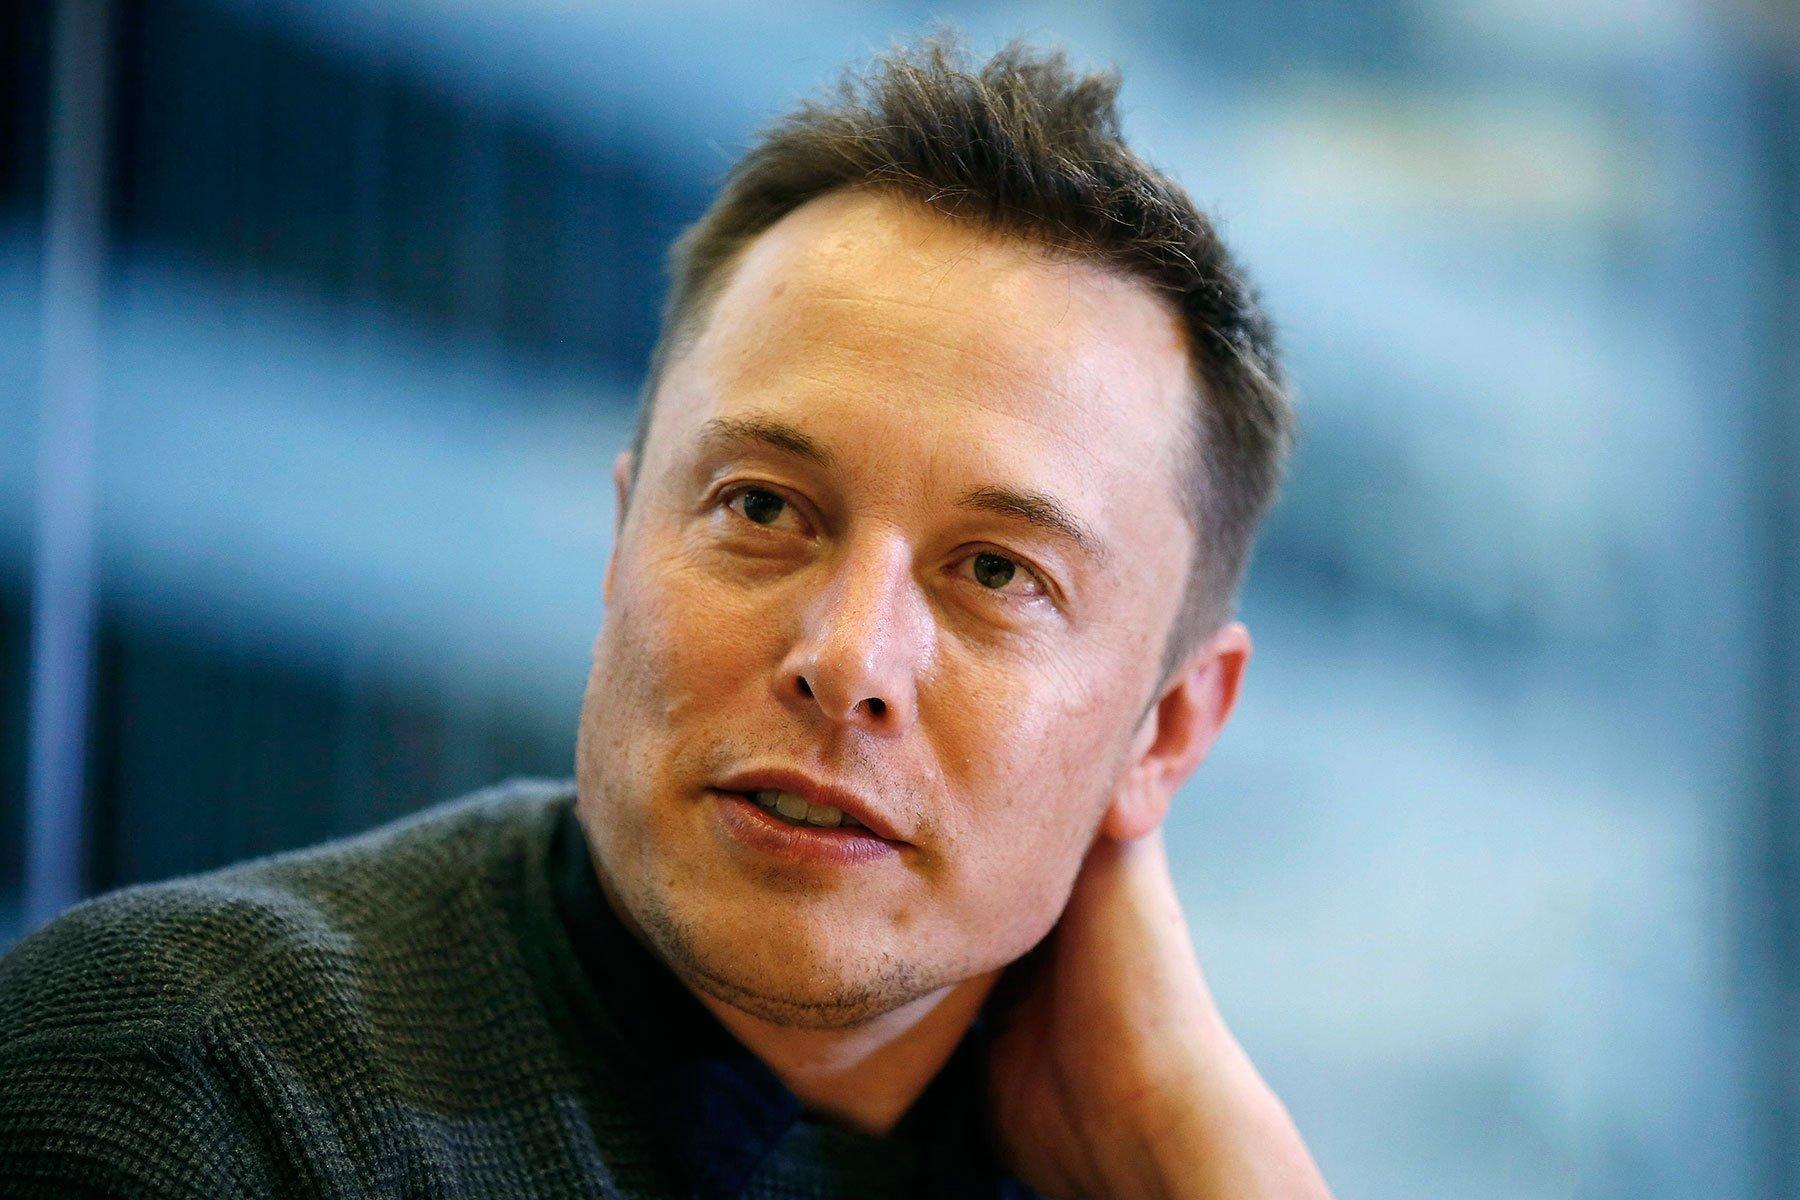 Илон Маск получил разрешение настроительство тоннеля для высокоскоростного поезда Hyperloop